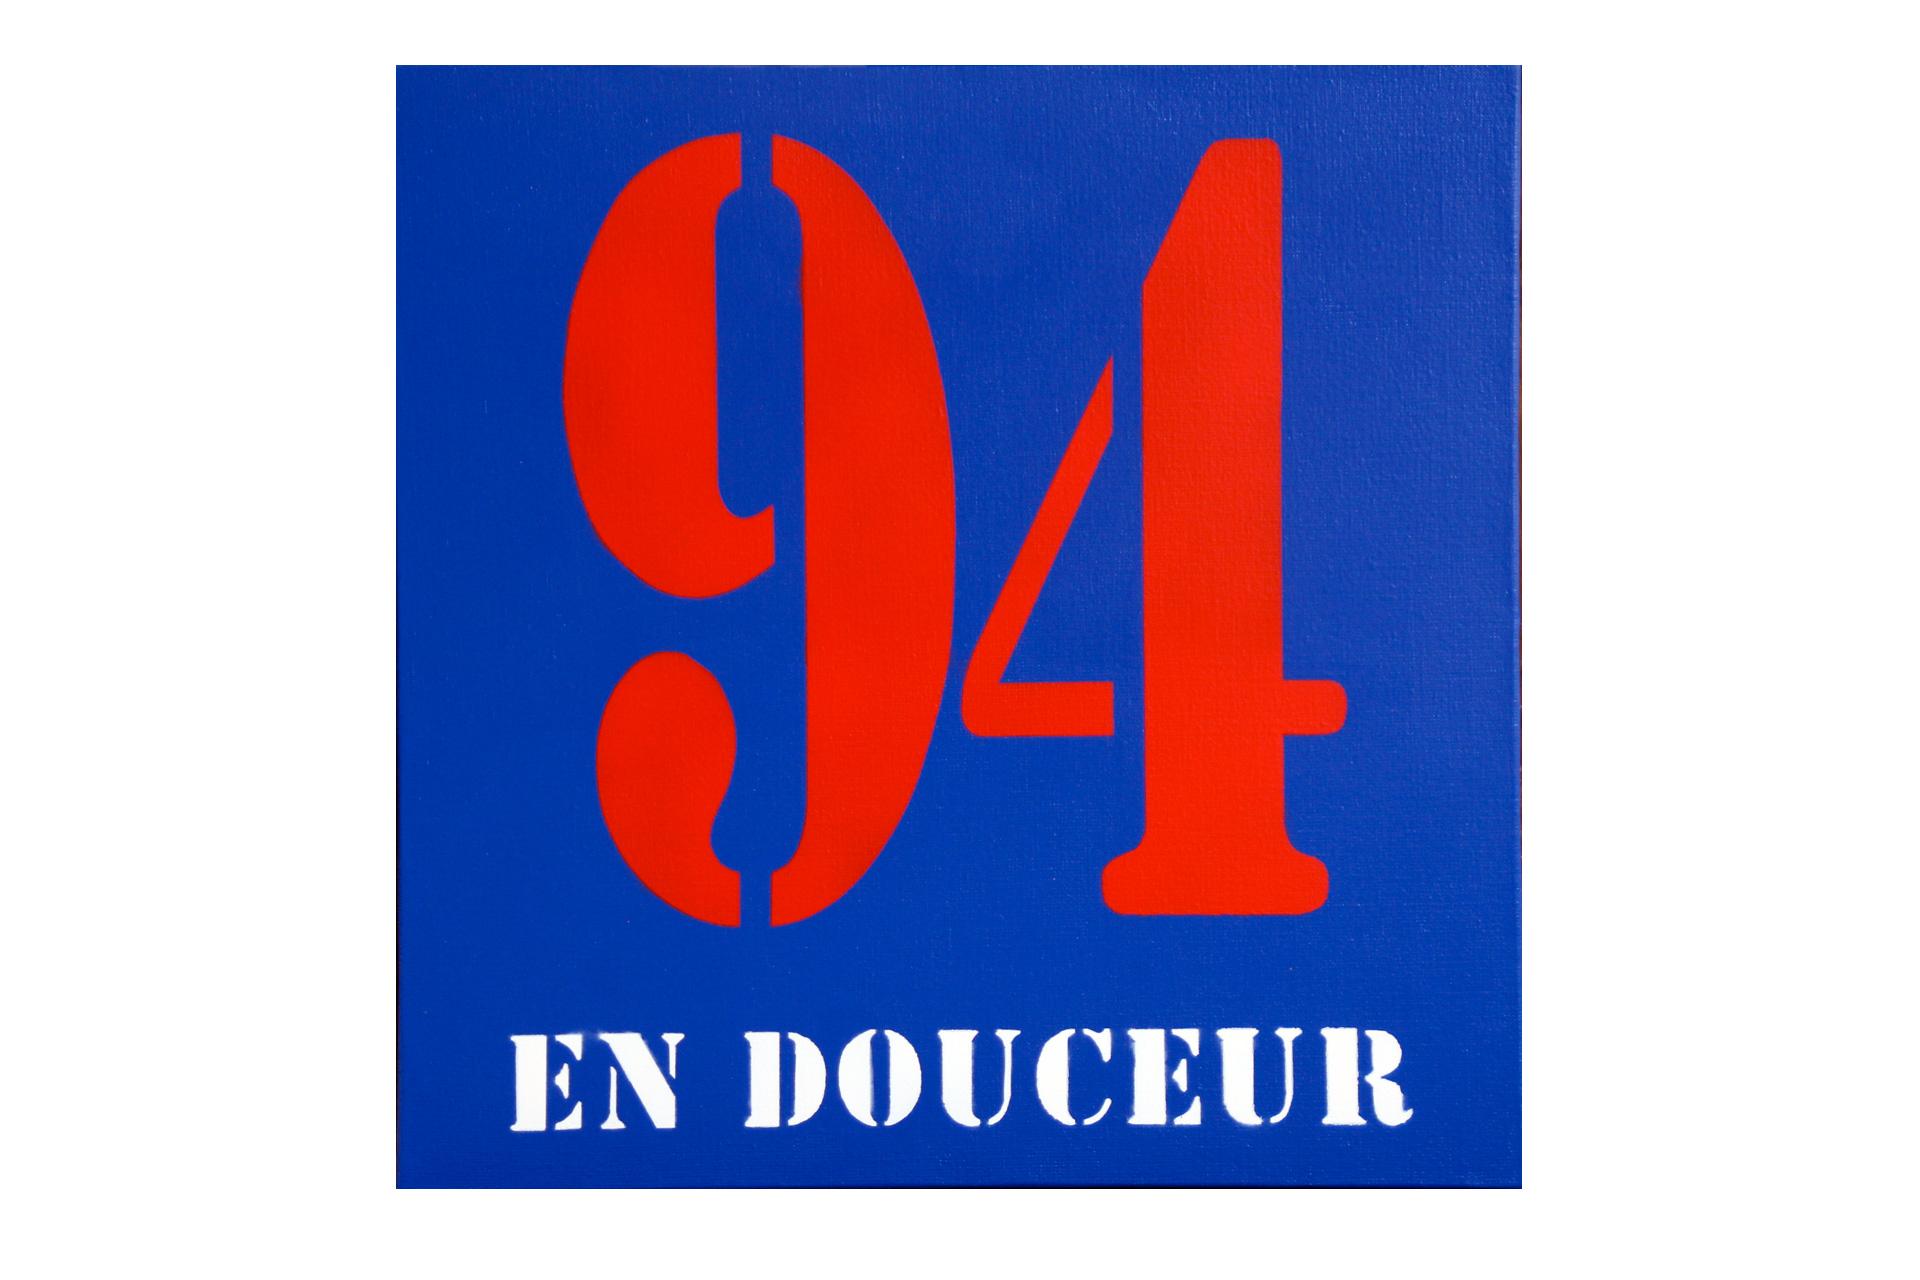 94 En Douceur